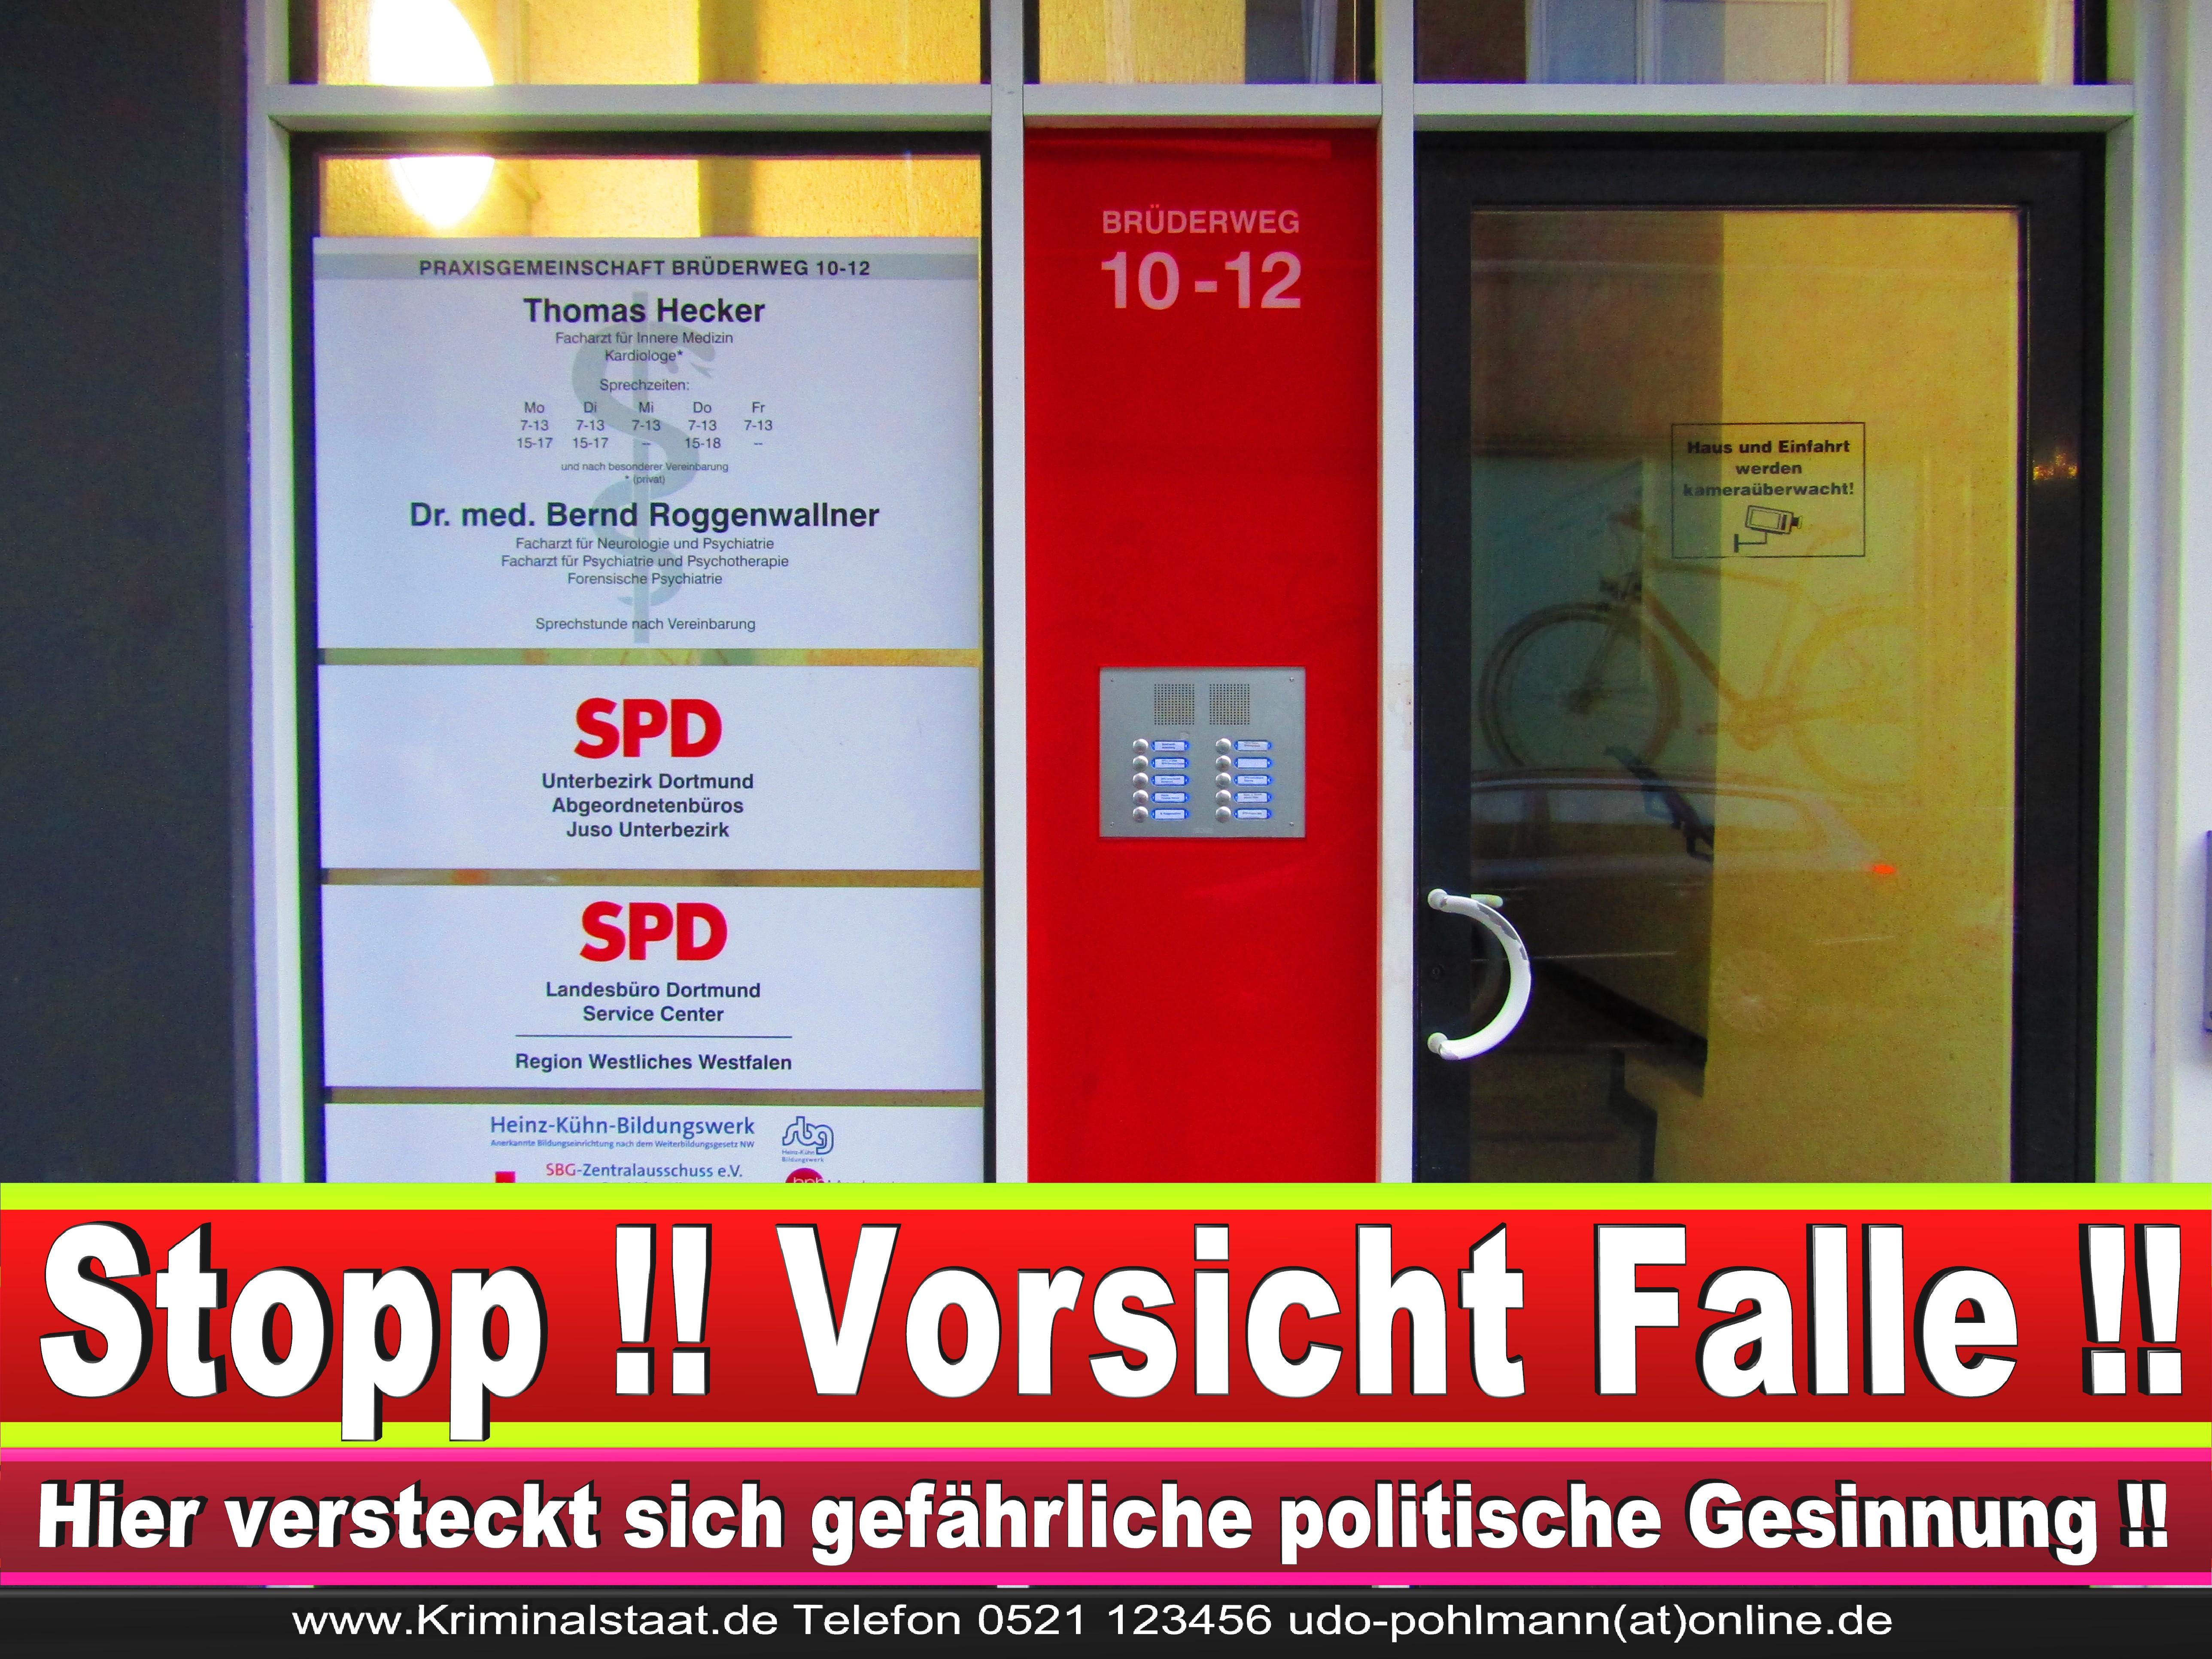 SPD DORTMUND UNTERBEZIRK BüRGERBüRO SPD ORTSVERBAND RAT STADT RATSMITGLIEDER SPD FRAKTION SPD NRW ADRESSE (22) 1